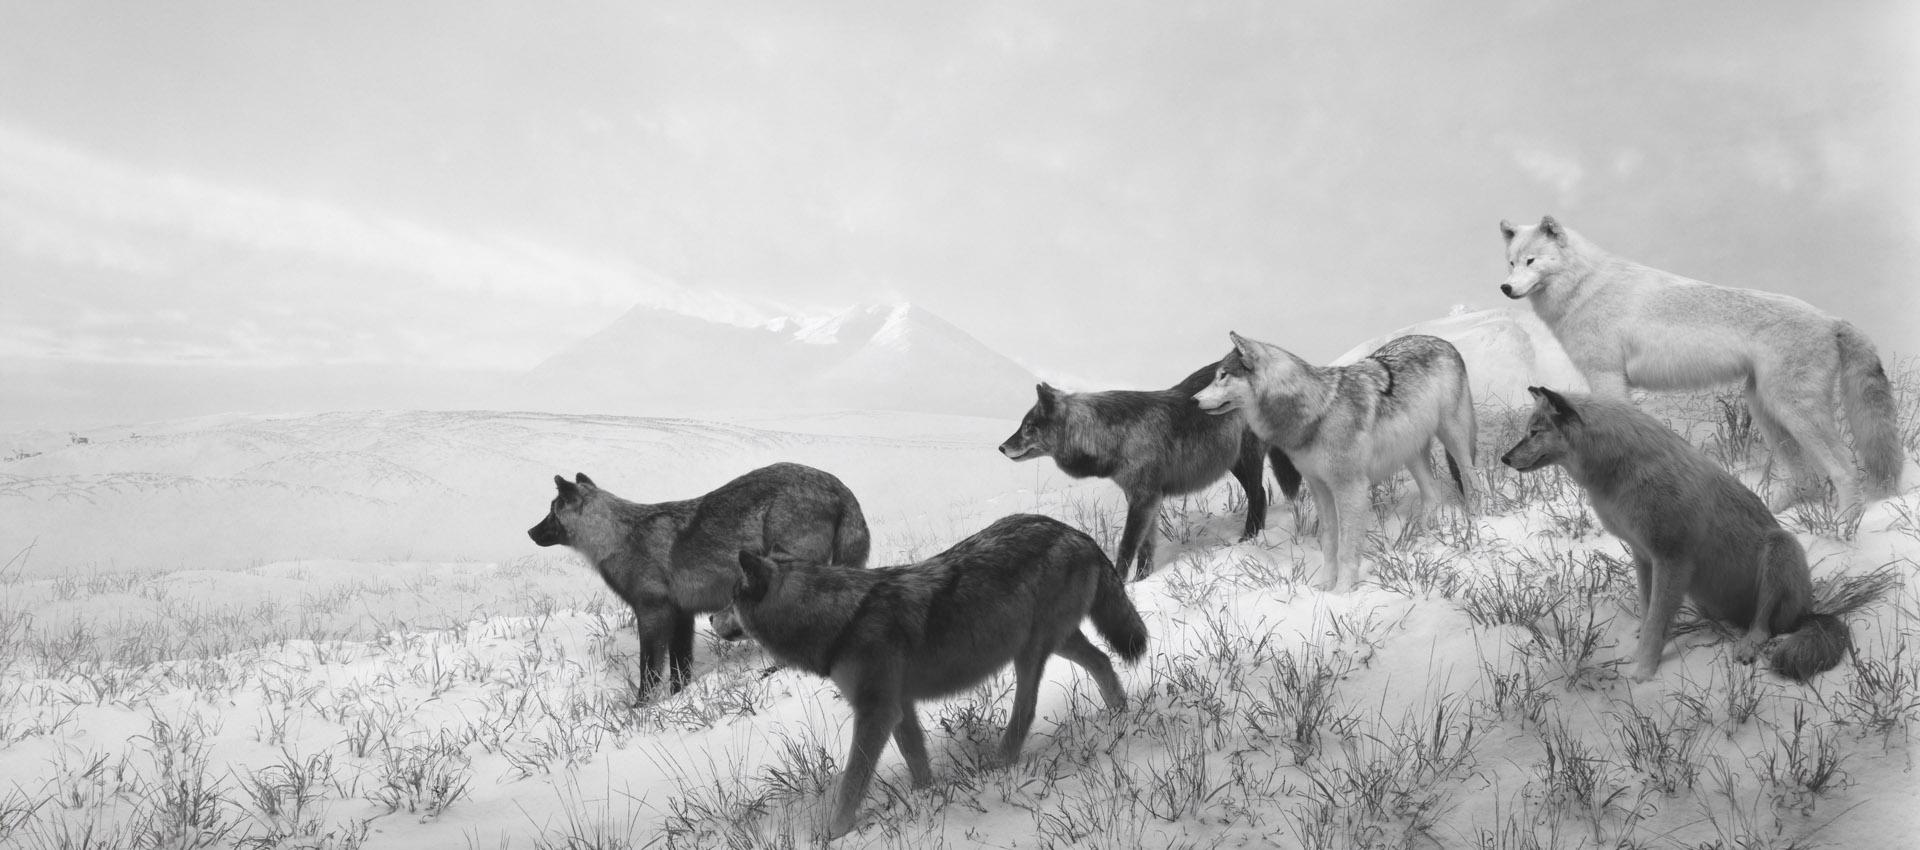 Alaskan Wolves, 1994. Size.- 119.5 x 211 cm. Gelatin silver print. Photography © Hiroshi Sugimoto. Image courtesy of Fundación Mapfre